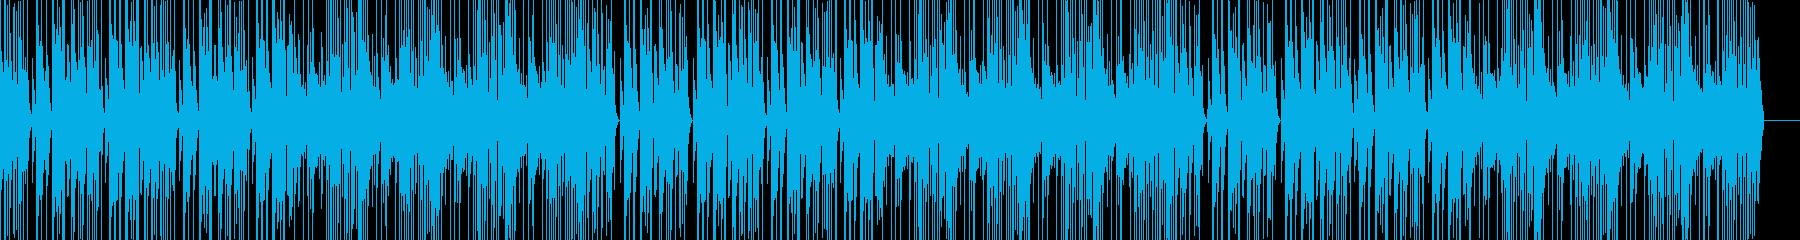 宿題やらなきゃ 日常的コミカルBGMの再生済みの波形